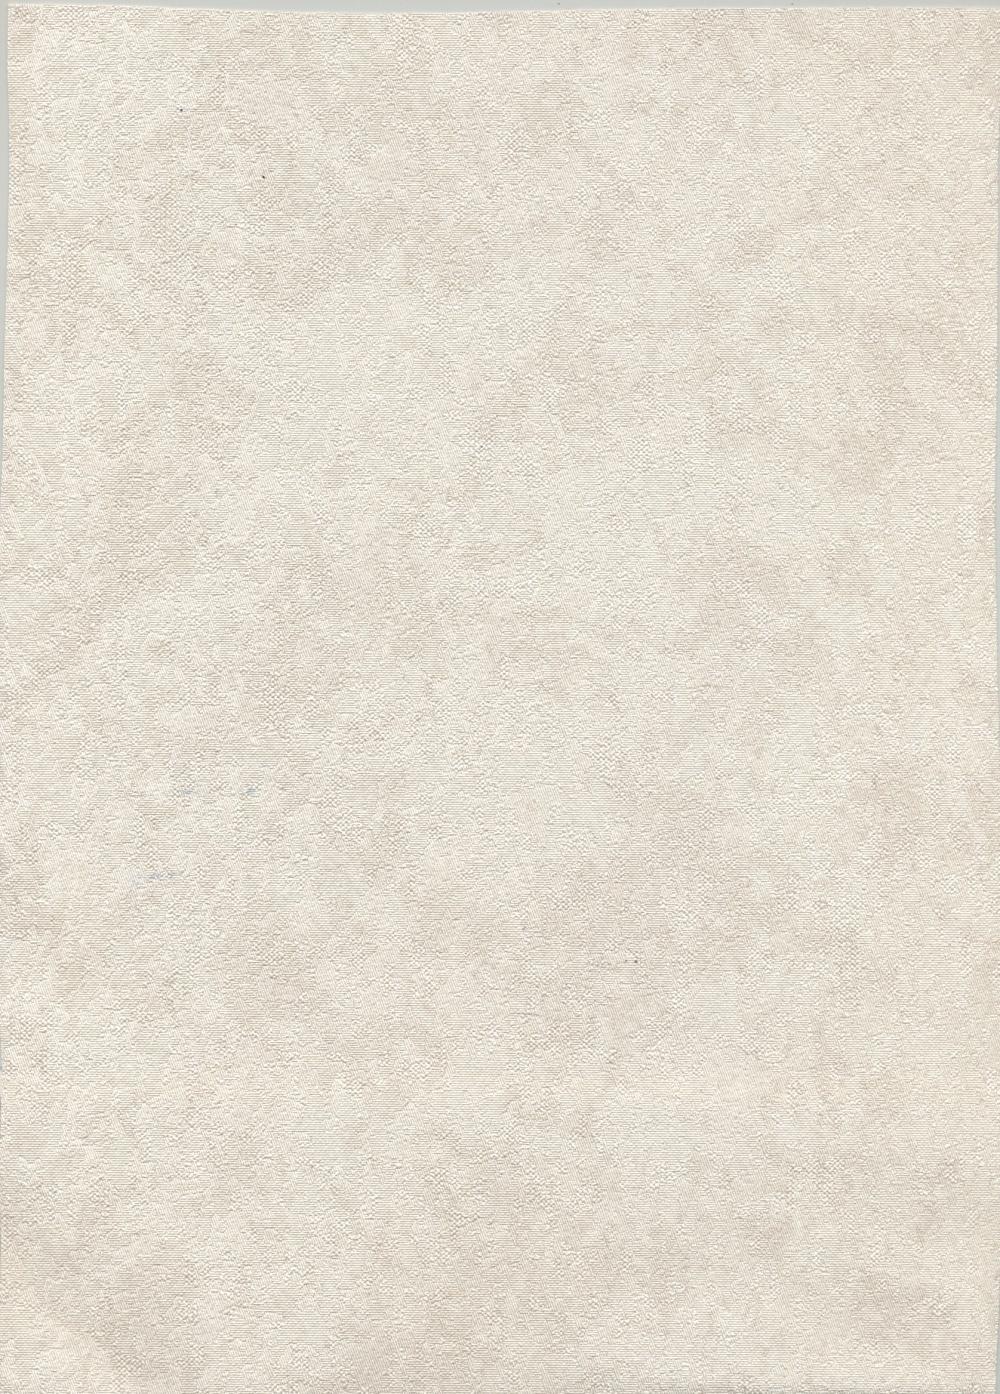 Солярис фон арт. 1090-01